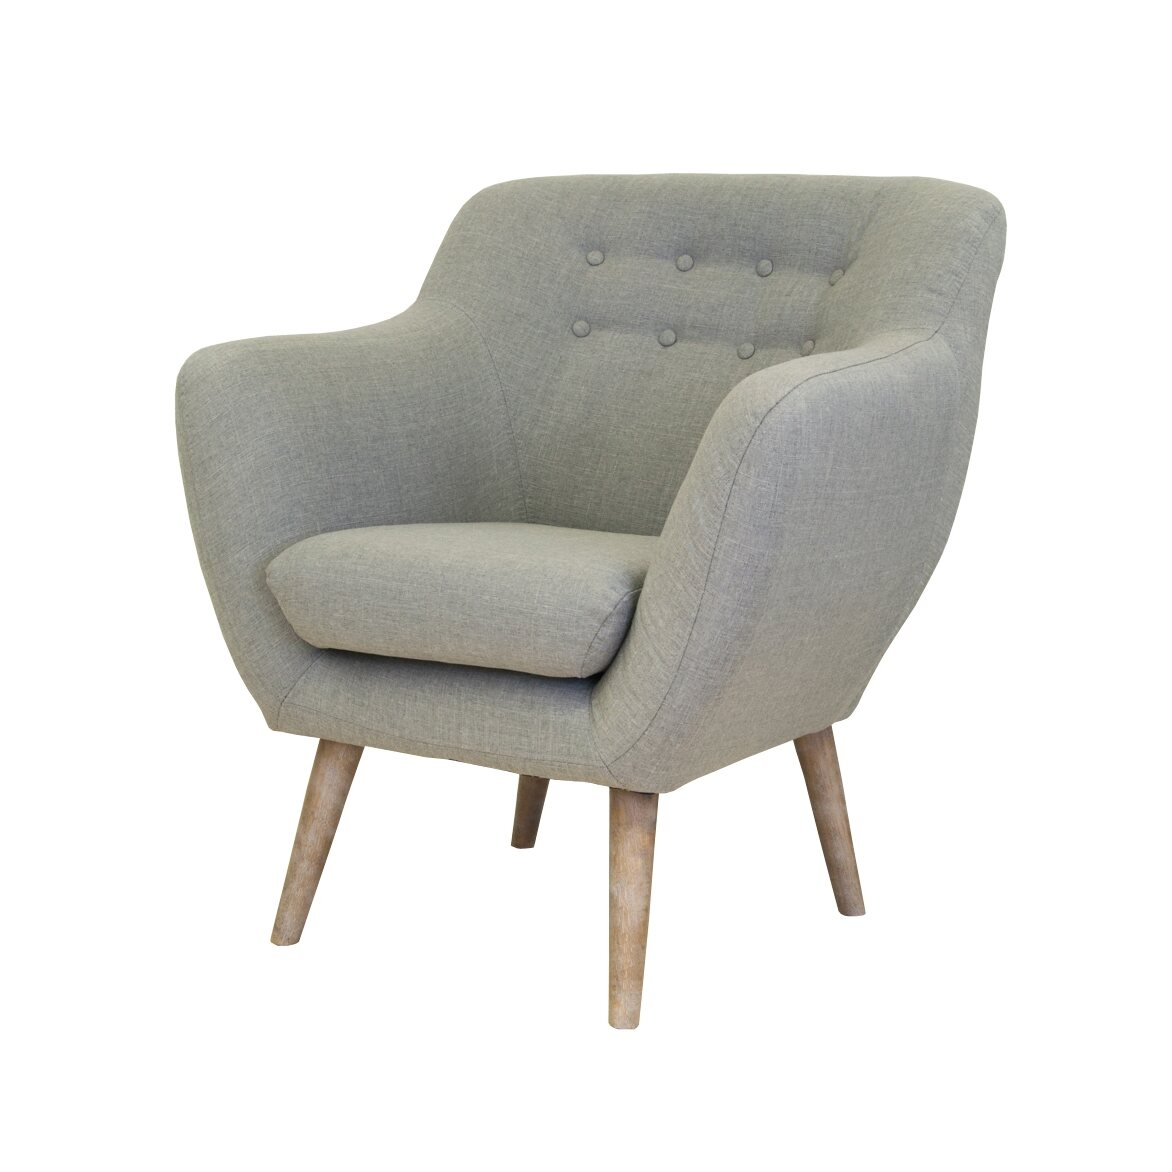 Низкое кресло Fuller grey 3 | Маленькие кресла Kingsby